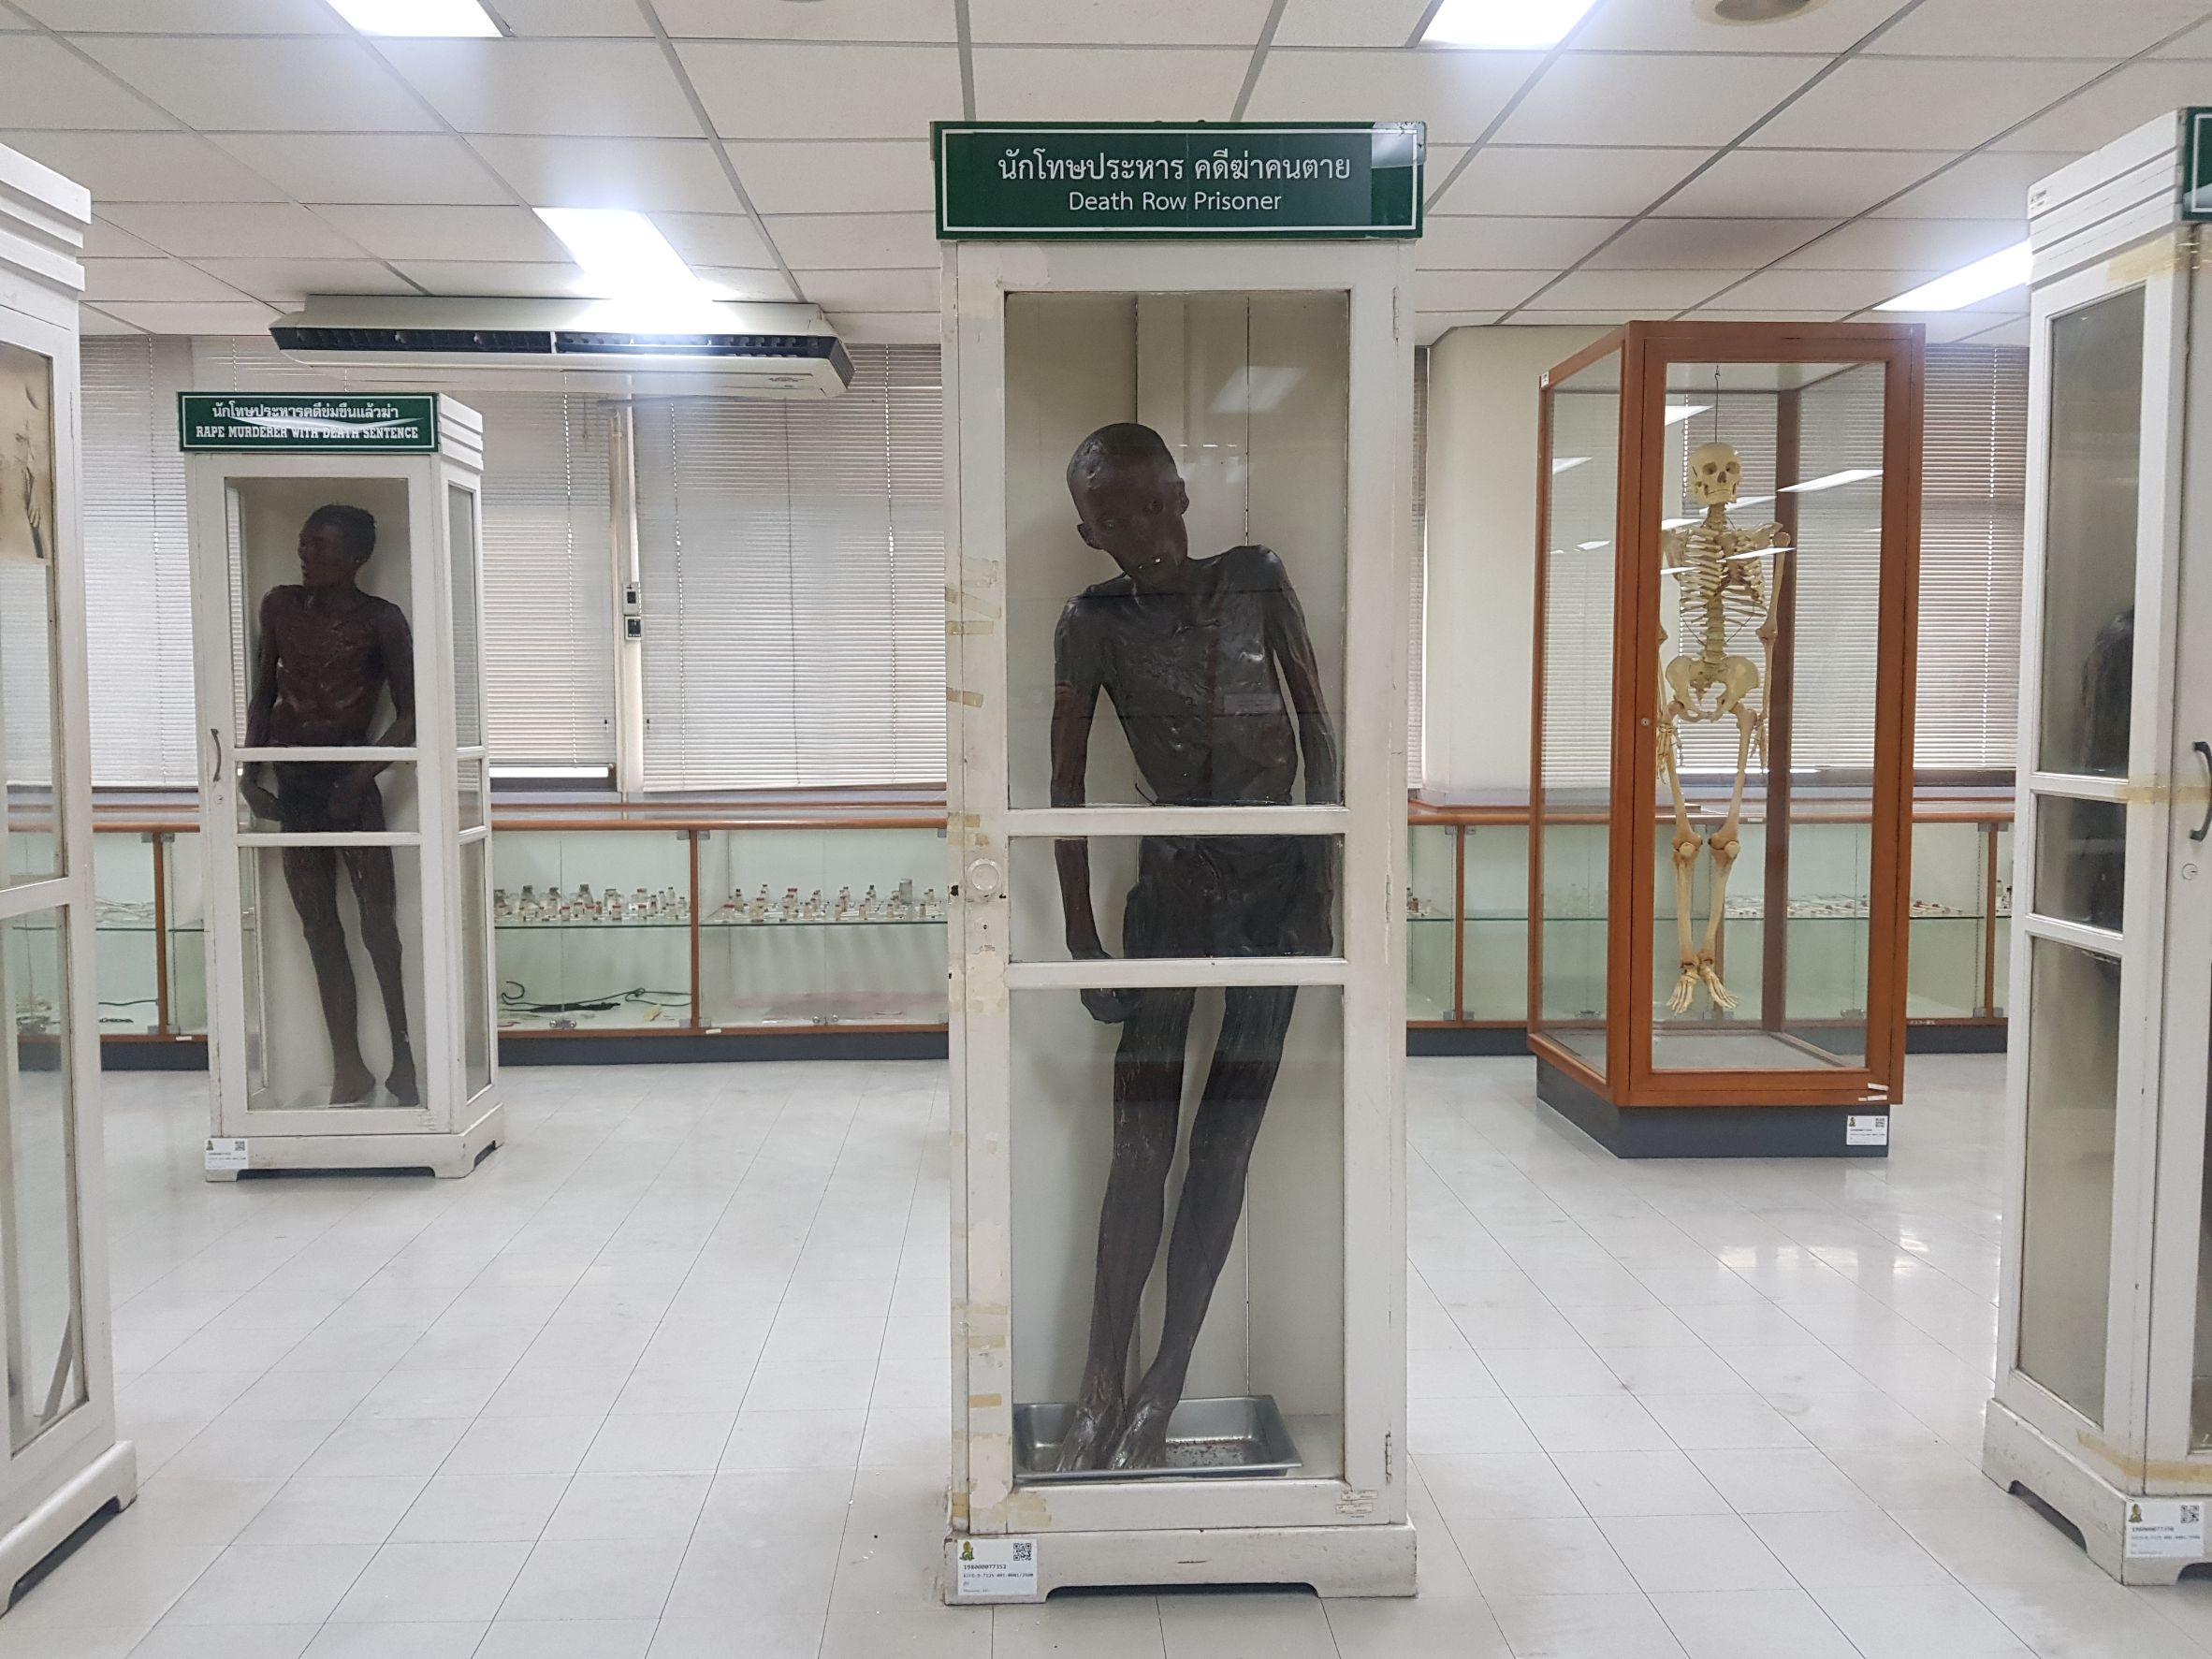 """ศิริราช ย้ายร่าง """"ซีอุย"""" ออกจากพิพิธภัณฑ์แล้ว ส่วนจัดการร่างยังไม่ลงตัว"""